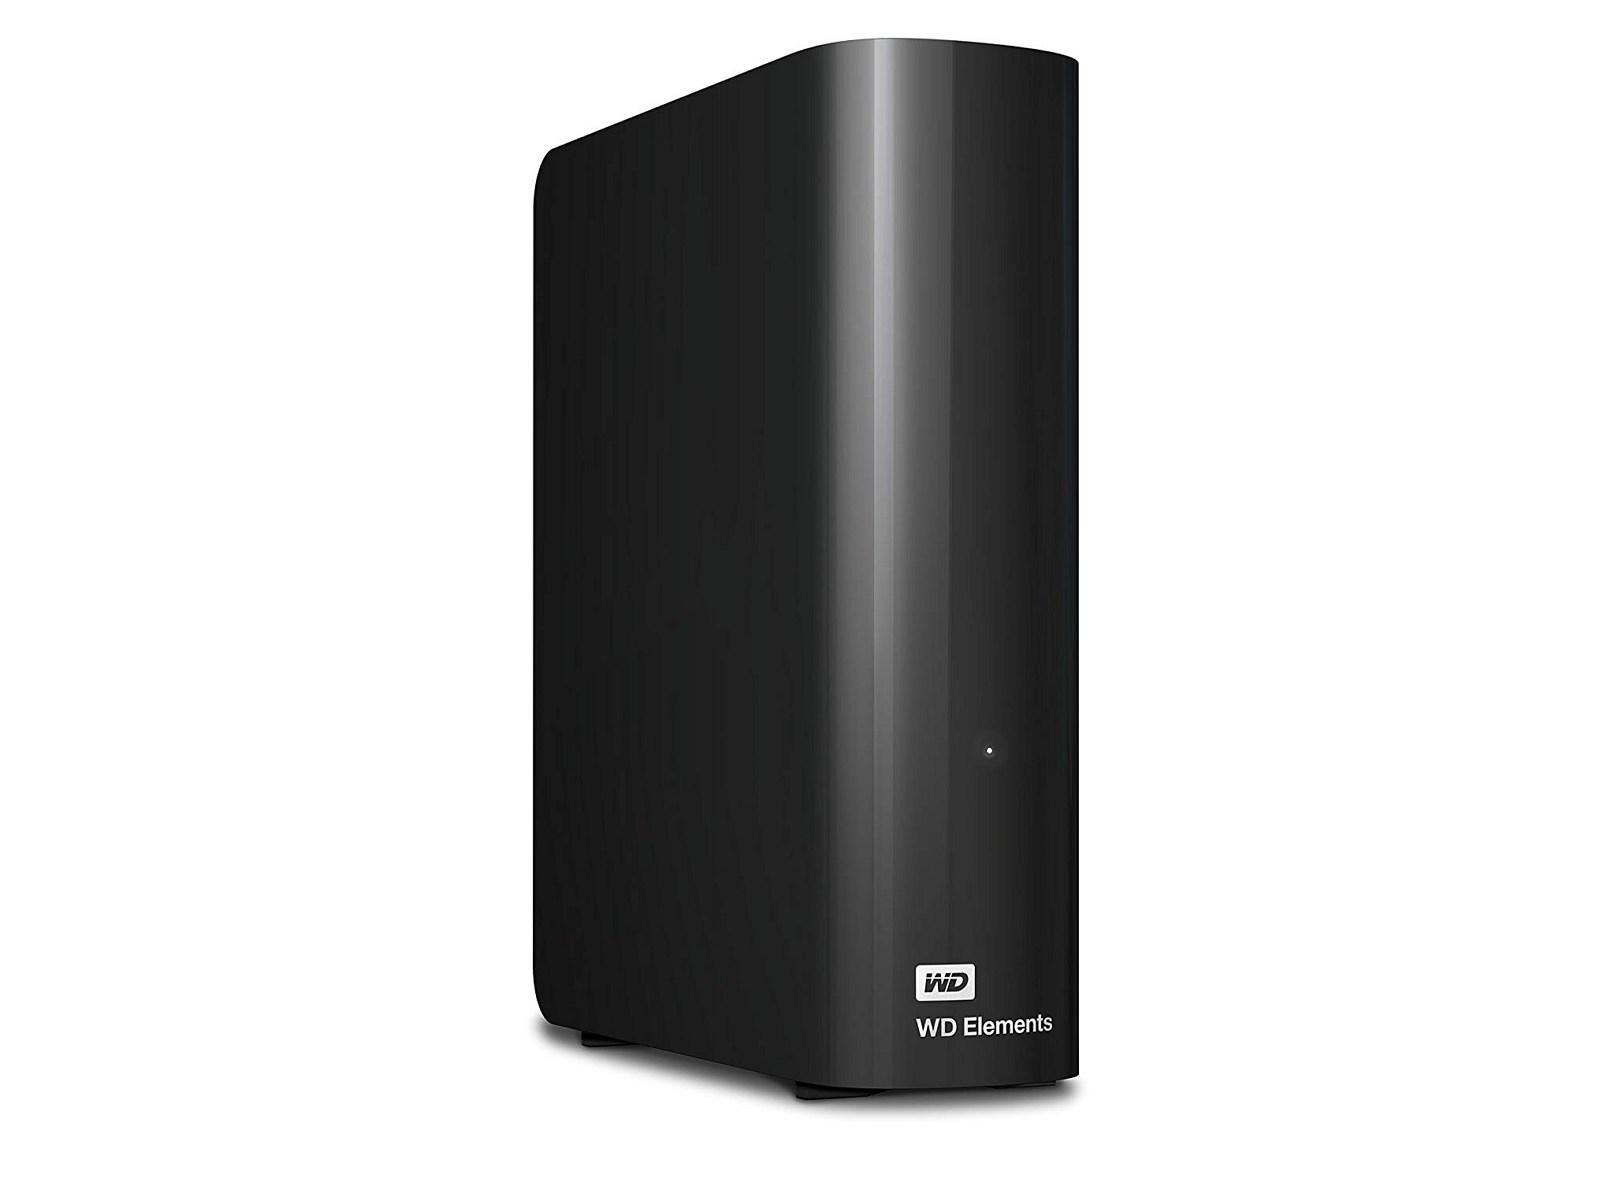 WD 10TB external drive USB 3.0